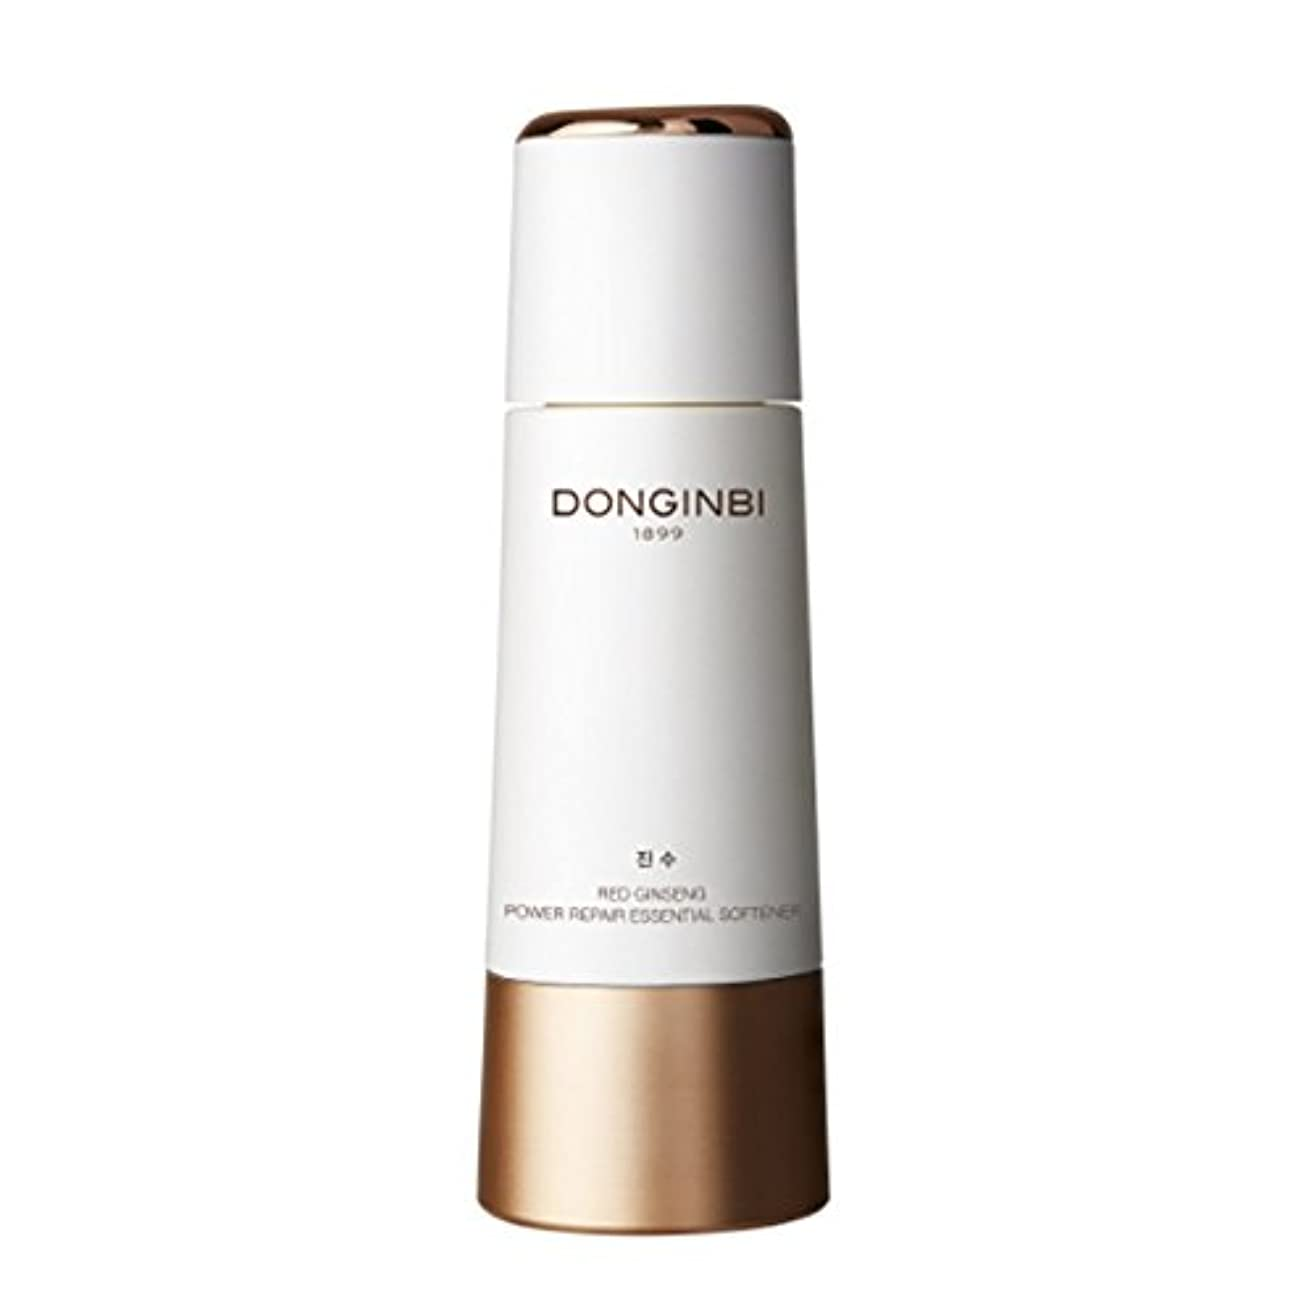 容赦ないレッスン卑しい[ドンインビ]DONGINBI ドンインビ ジン化粧水 130ml 海外直送品 toner130ml [並行輸入品]